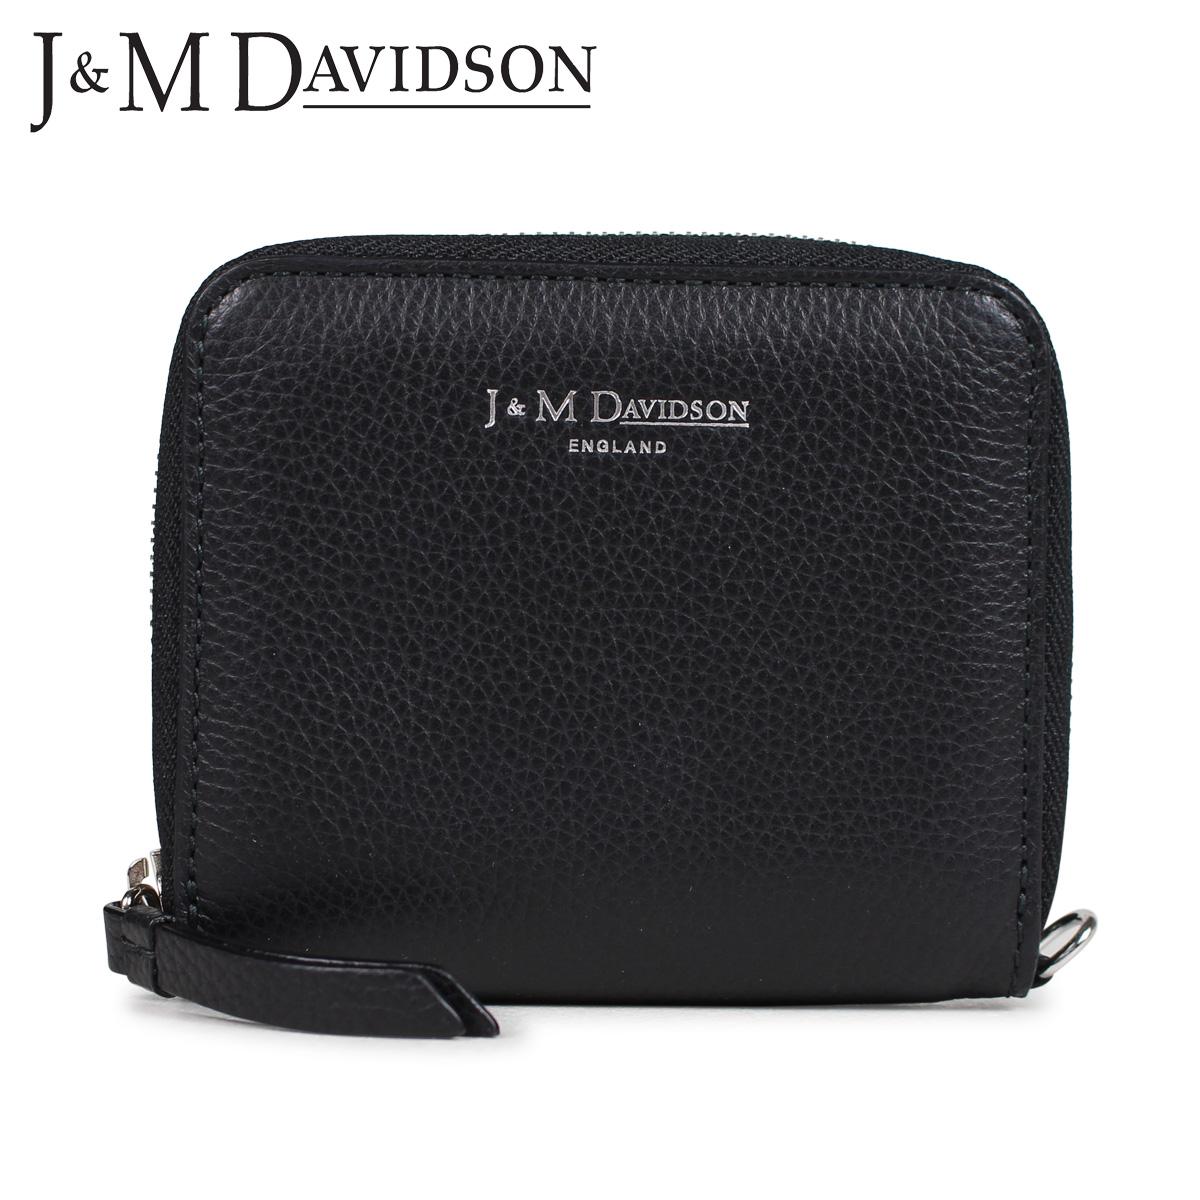 ジェイアンドエムデヴィッドソン J&M DAVIDSON 財布 二つ折り レディース ラウンドファスナー レザー SQUARE ZIP WALLET ブラック 黒 10186N-7470